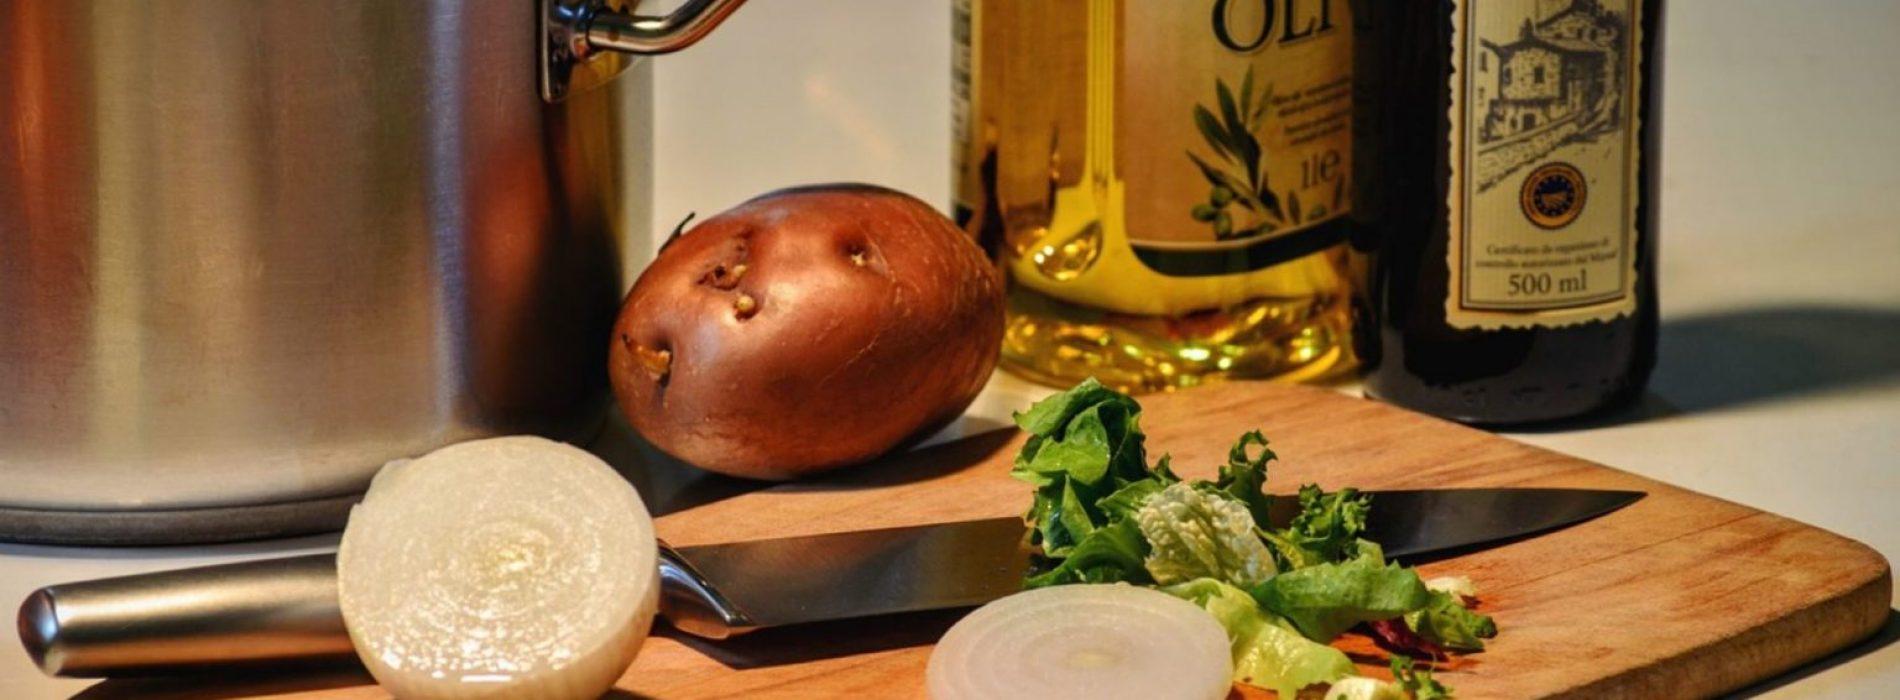 Extra vergine olijfolie houdt gezonde eigenschappen bij het koken